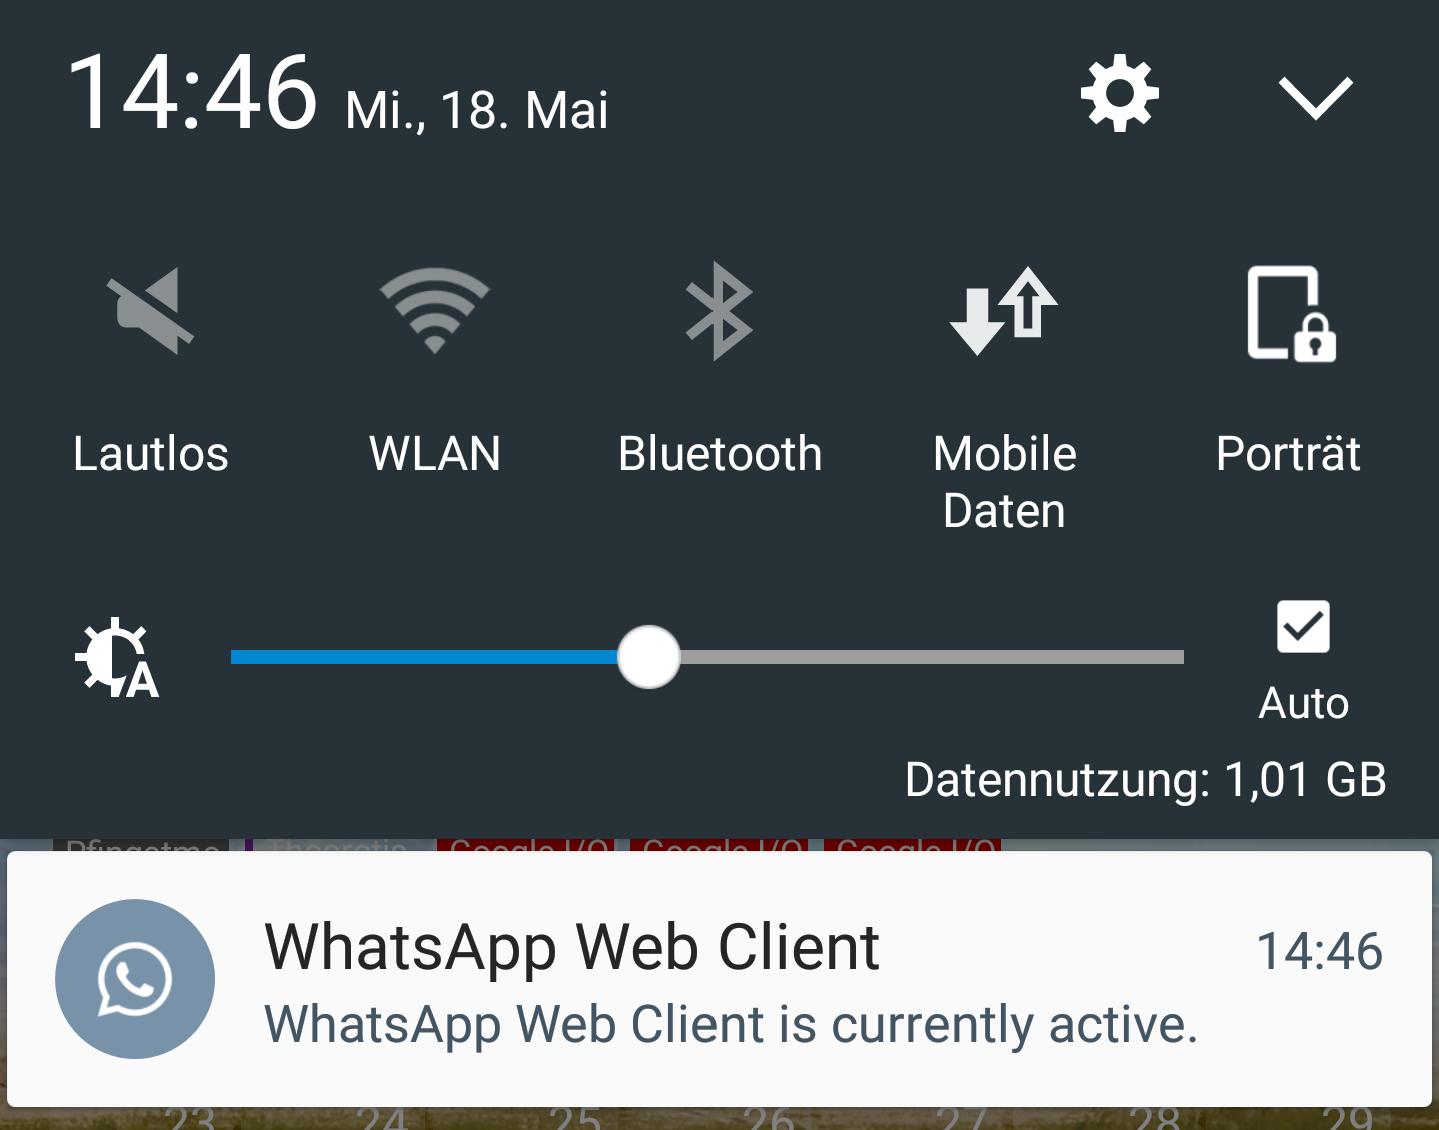 whatsapp screenshot benachrichtigung